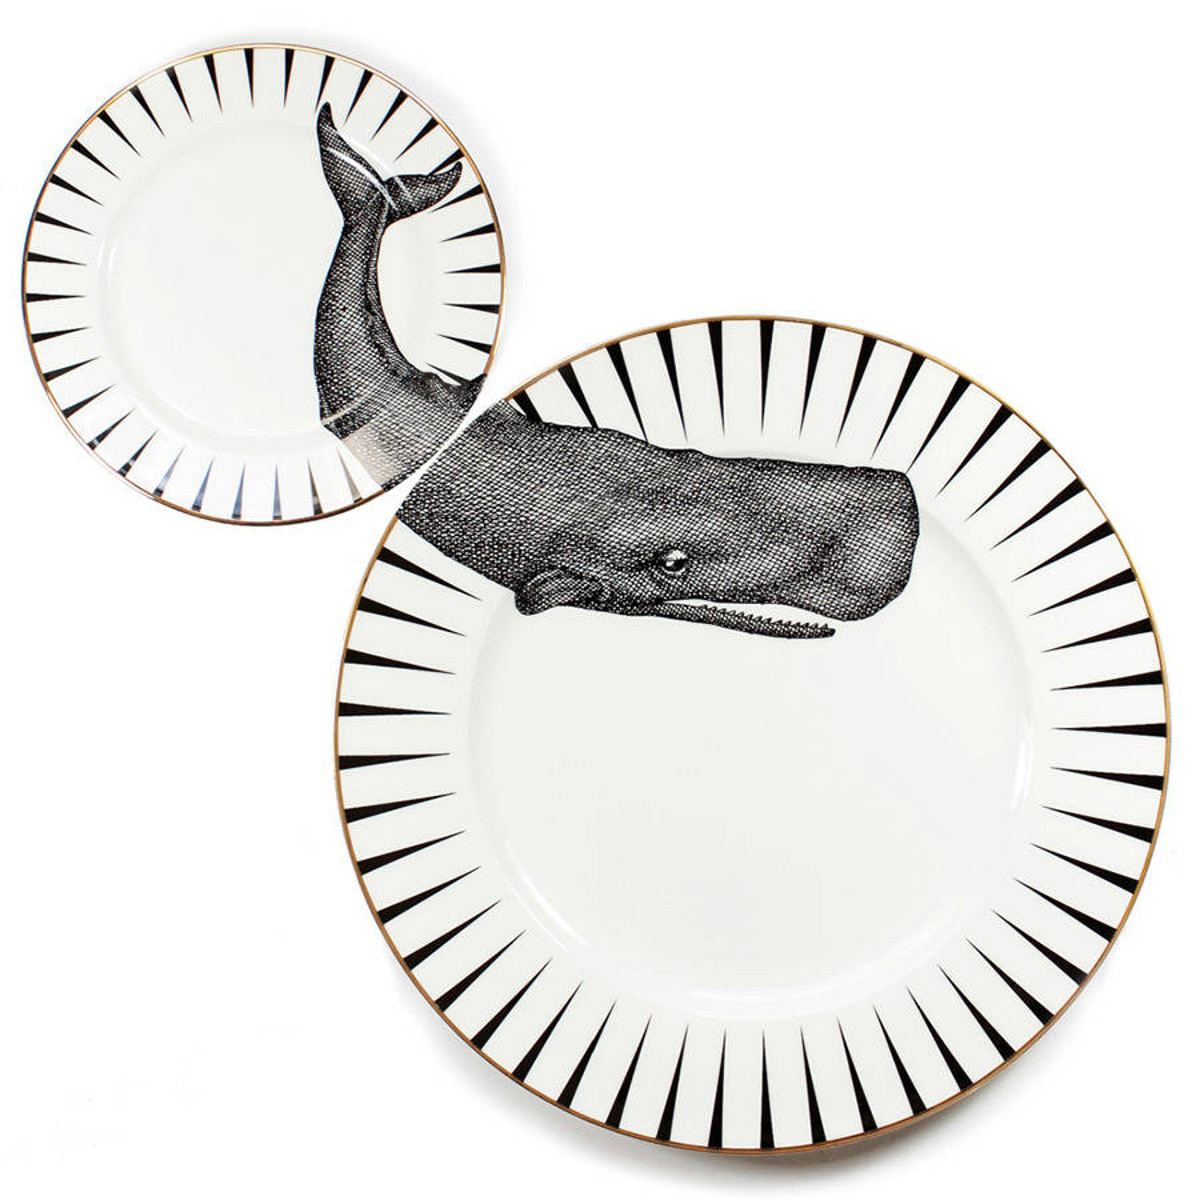 Yvonne Ellen London Monochrome Set de 1 Assiette Ø 26,5 cm et 1 Assiette Ø 16 cm - Baleine - Bone China Porcelaine - Boîte Cadeau